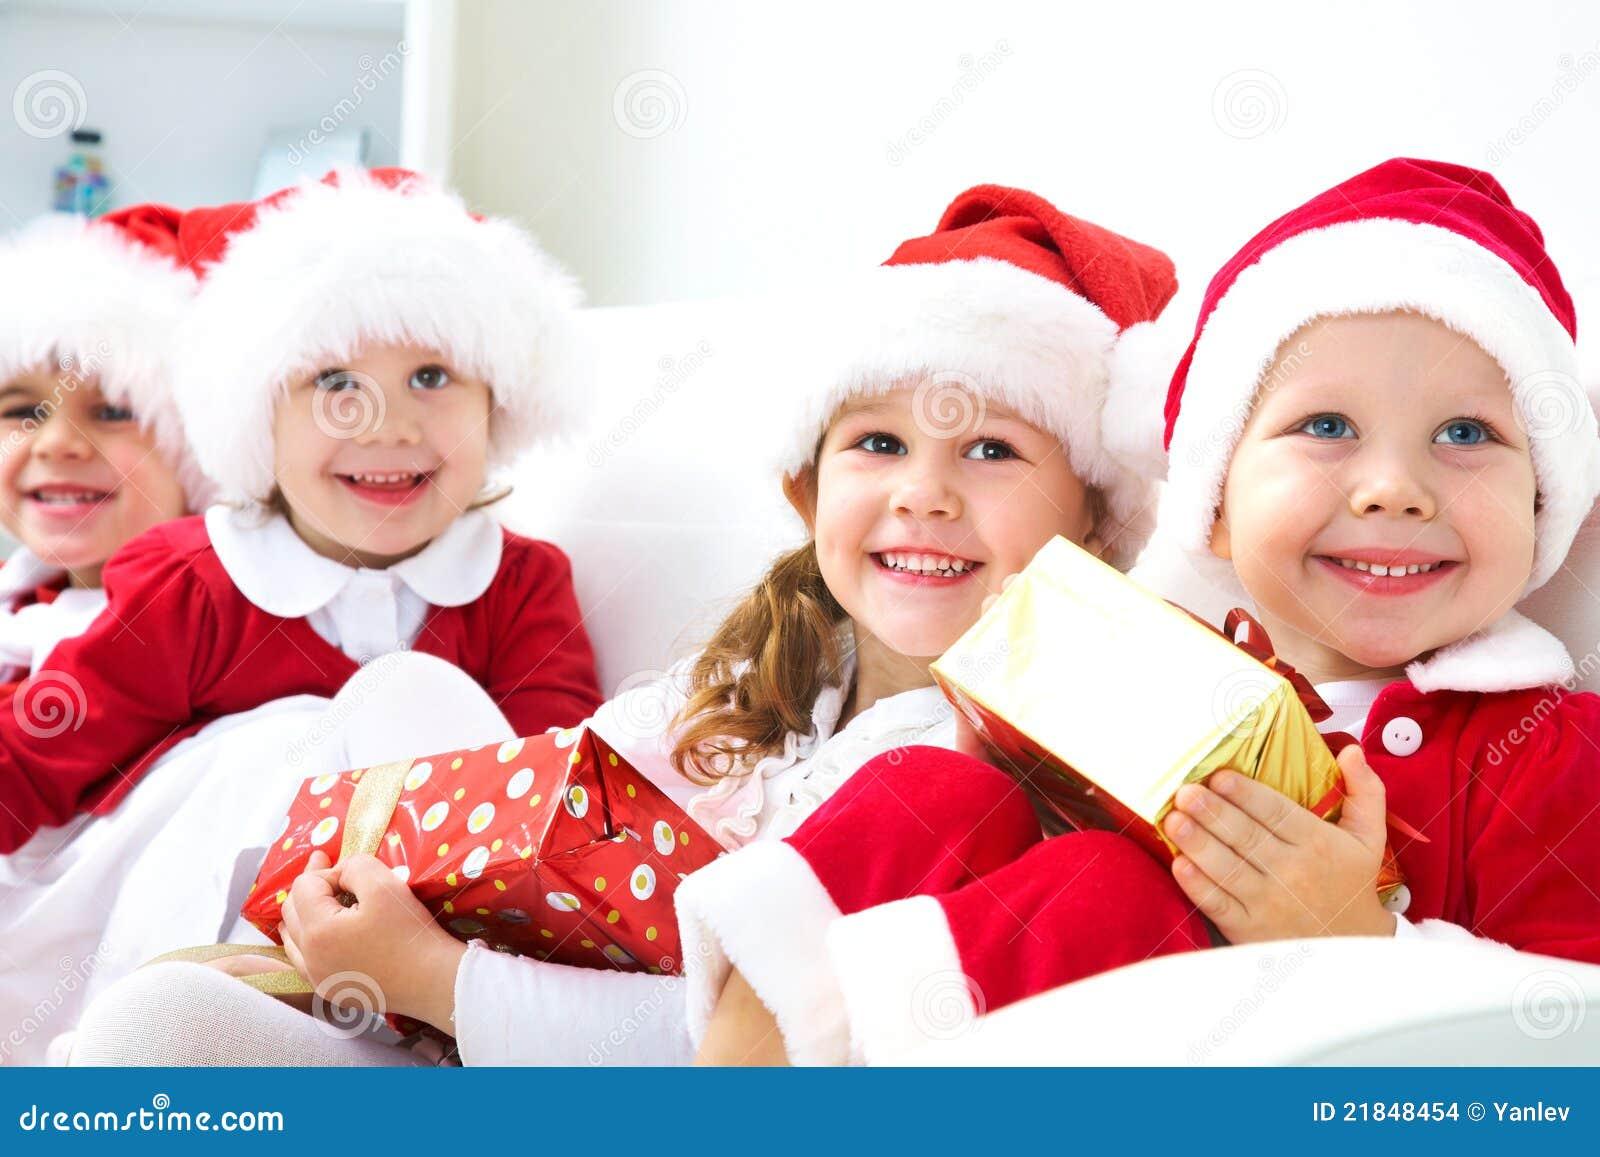 Развлечение на новый год с ребенком